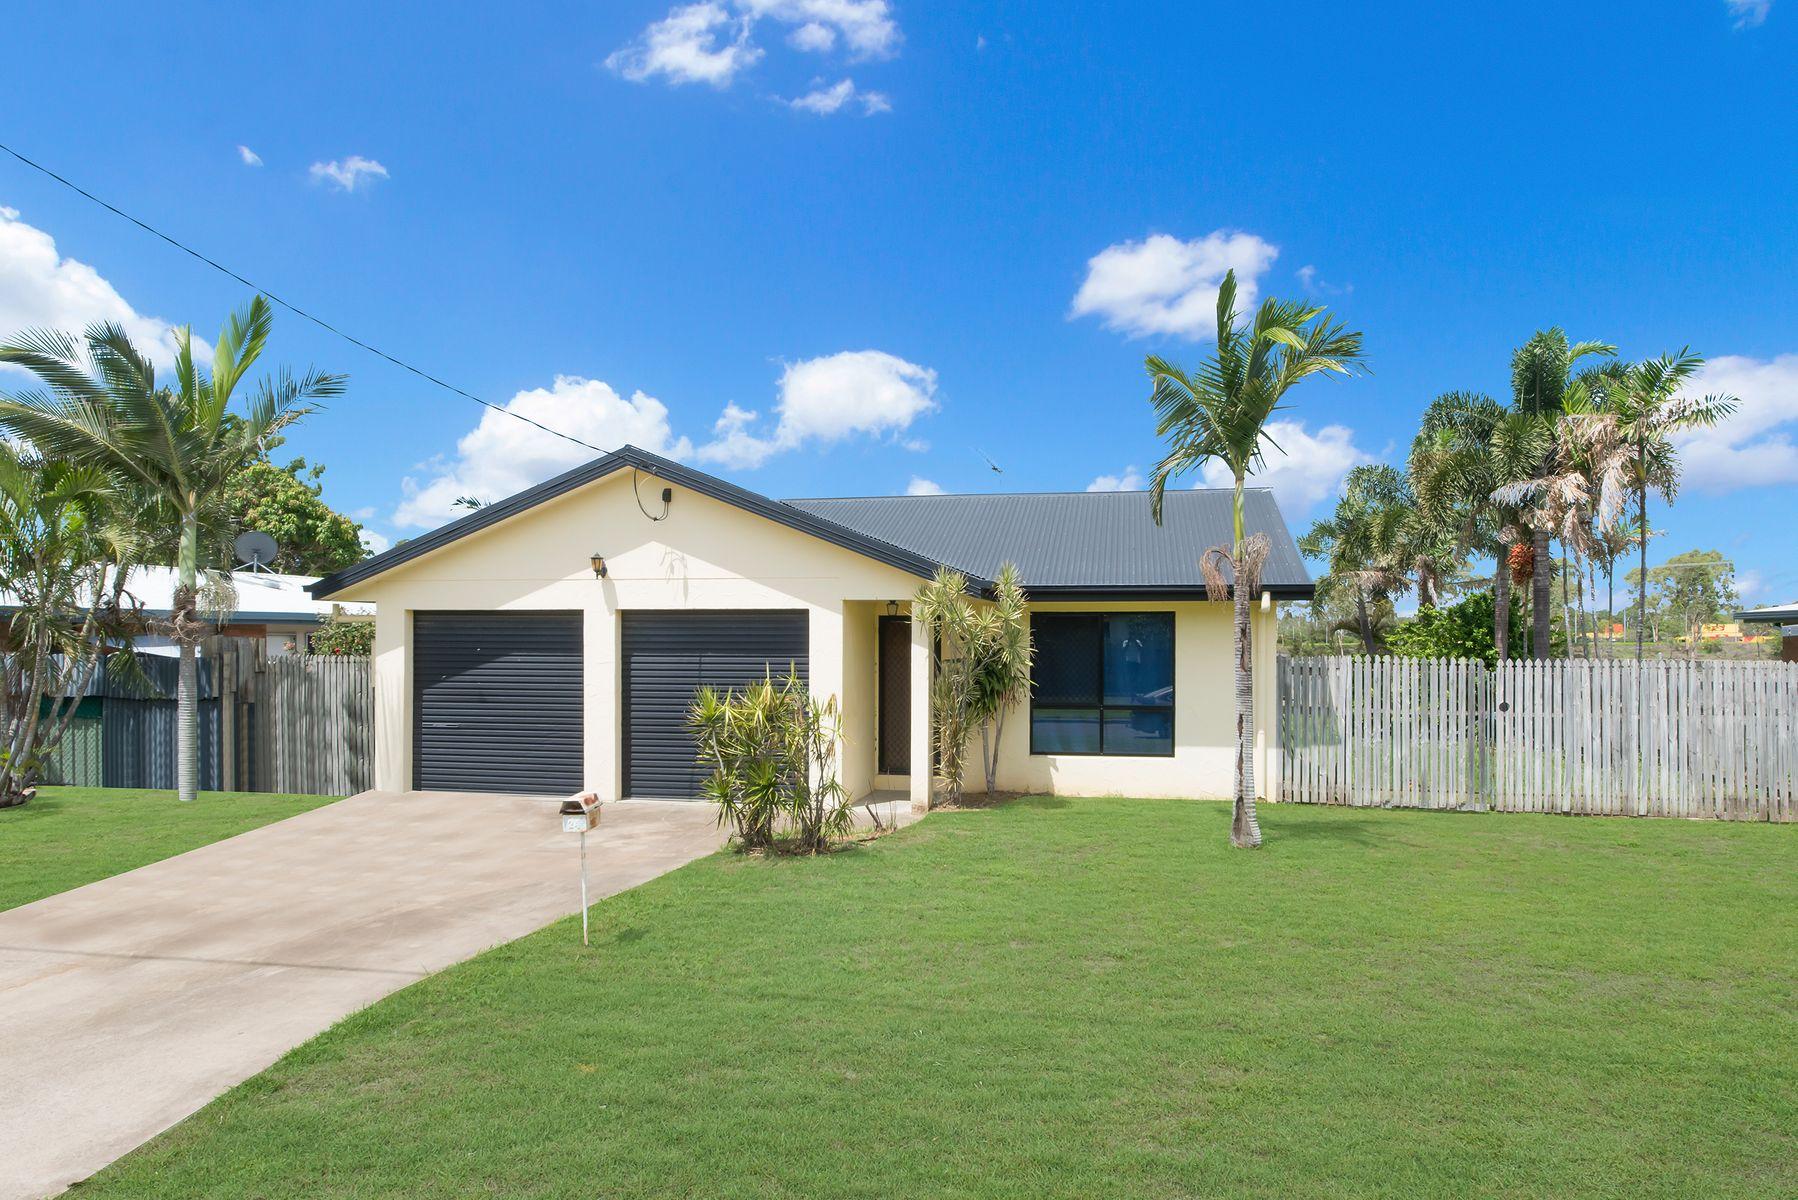 24 Gloucester Crescent, Wulguru, QLD 4811